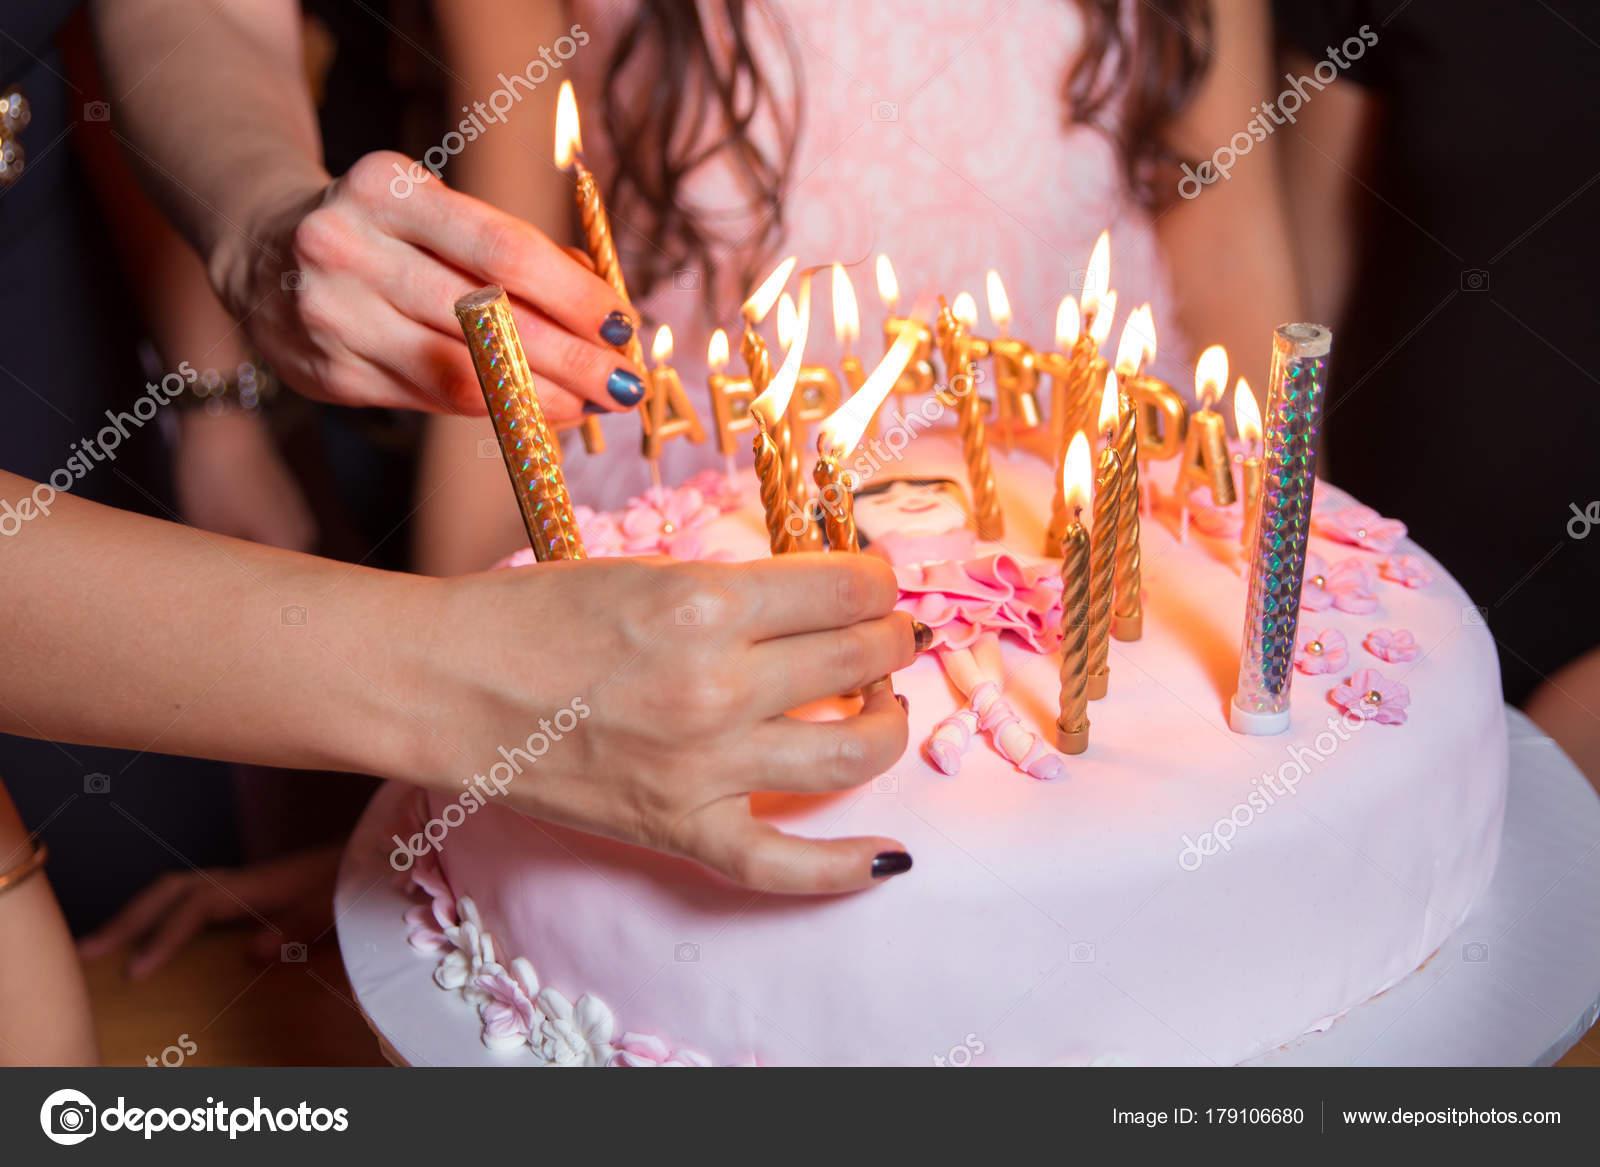 Они горят свечи на день рождения. Праздничный торт со свечами.